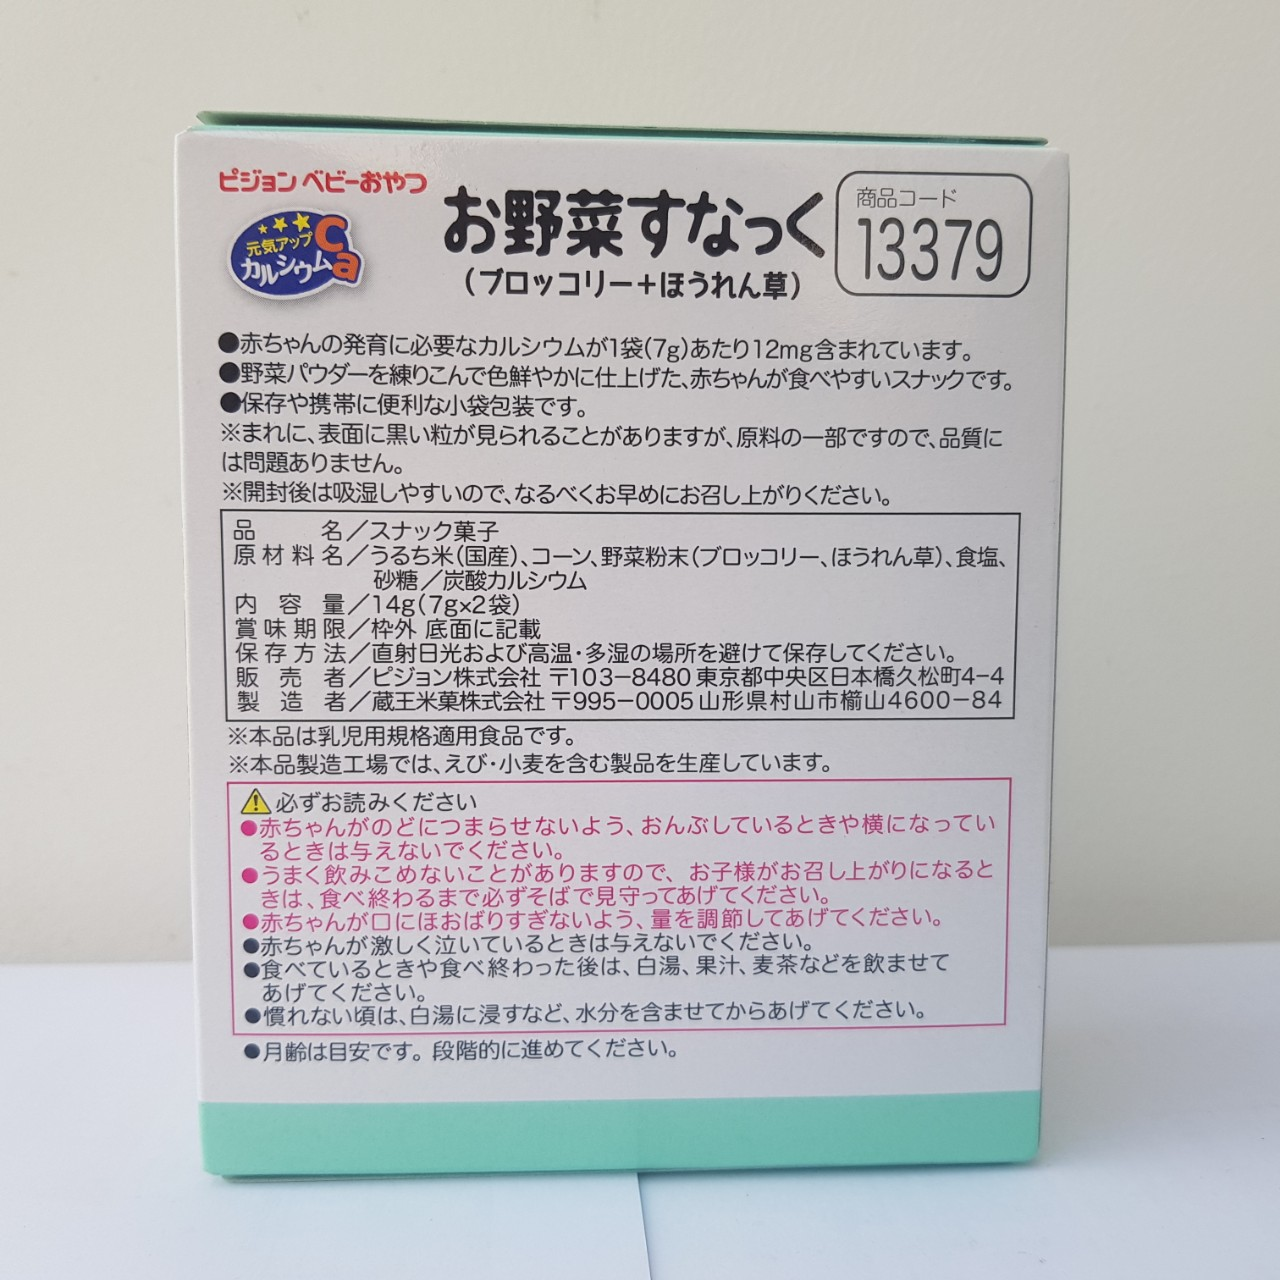 Bánh Ăn Dặm Pigeon Bổ Sung DHA và Canxi Cho Trẻ Từ 7 Tháng Tuổi Vị Rau Cải Xanh Và Rau Bina 13379 - Nội Địa Nhật Bản